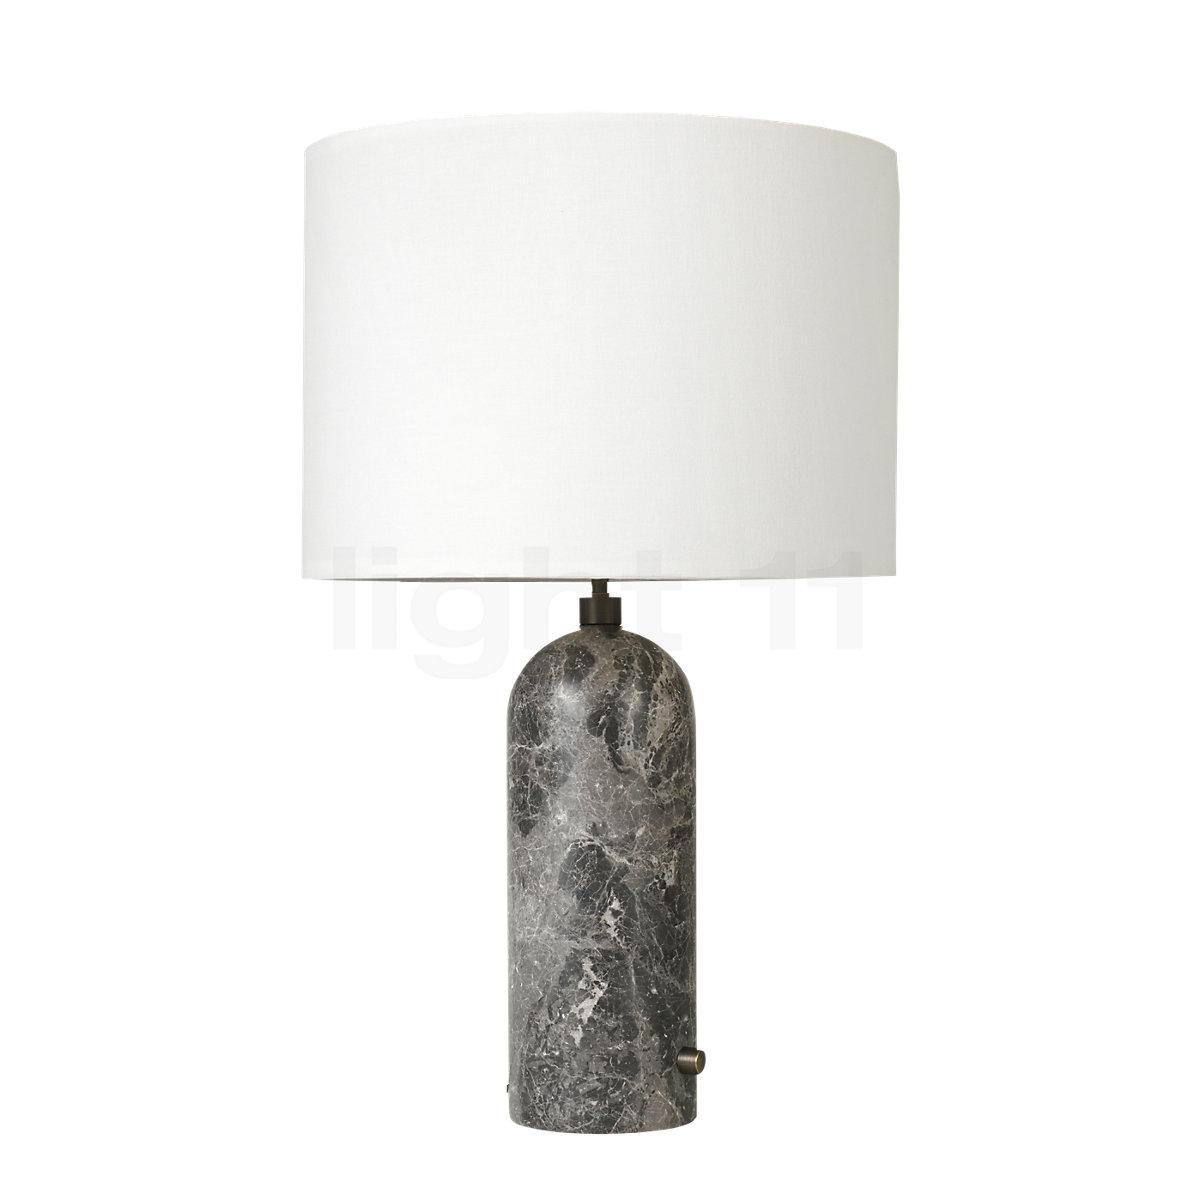 Pied De Lampe Am Pm gubi gravity table lamp large